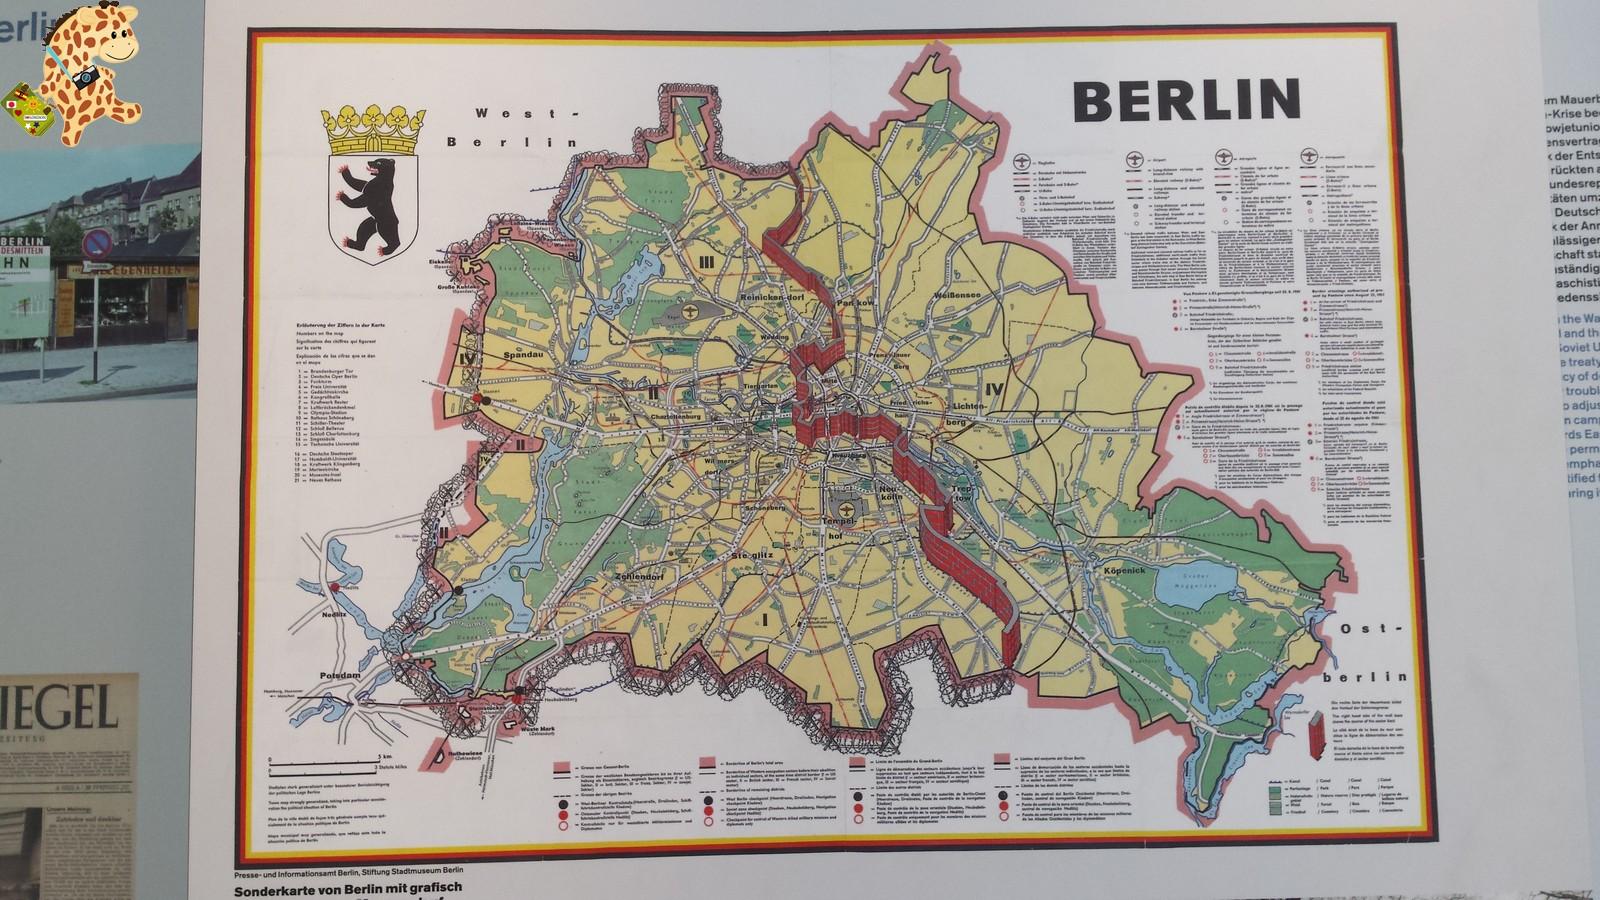 Alemania en 12 días: Qué ver en Berlín en 3 días?